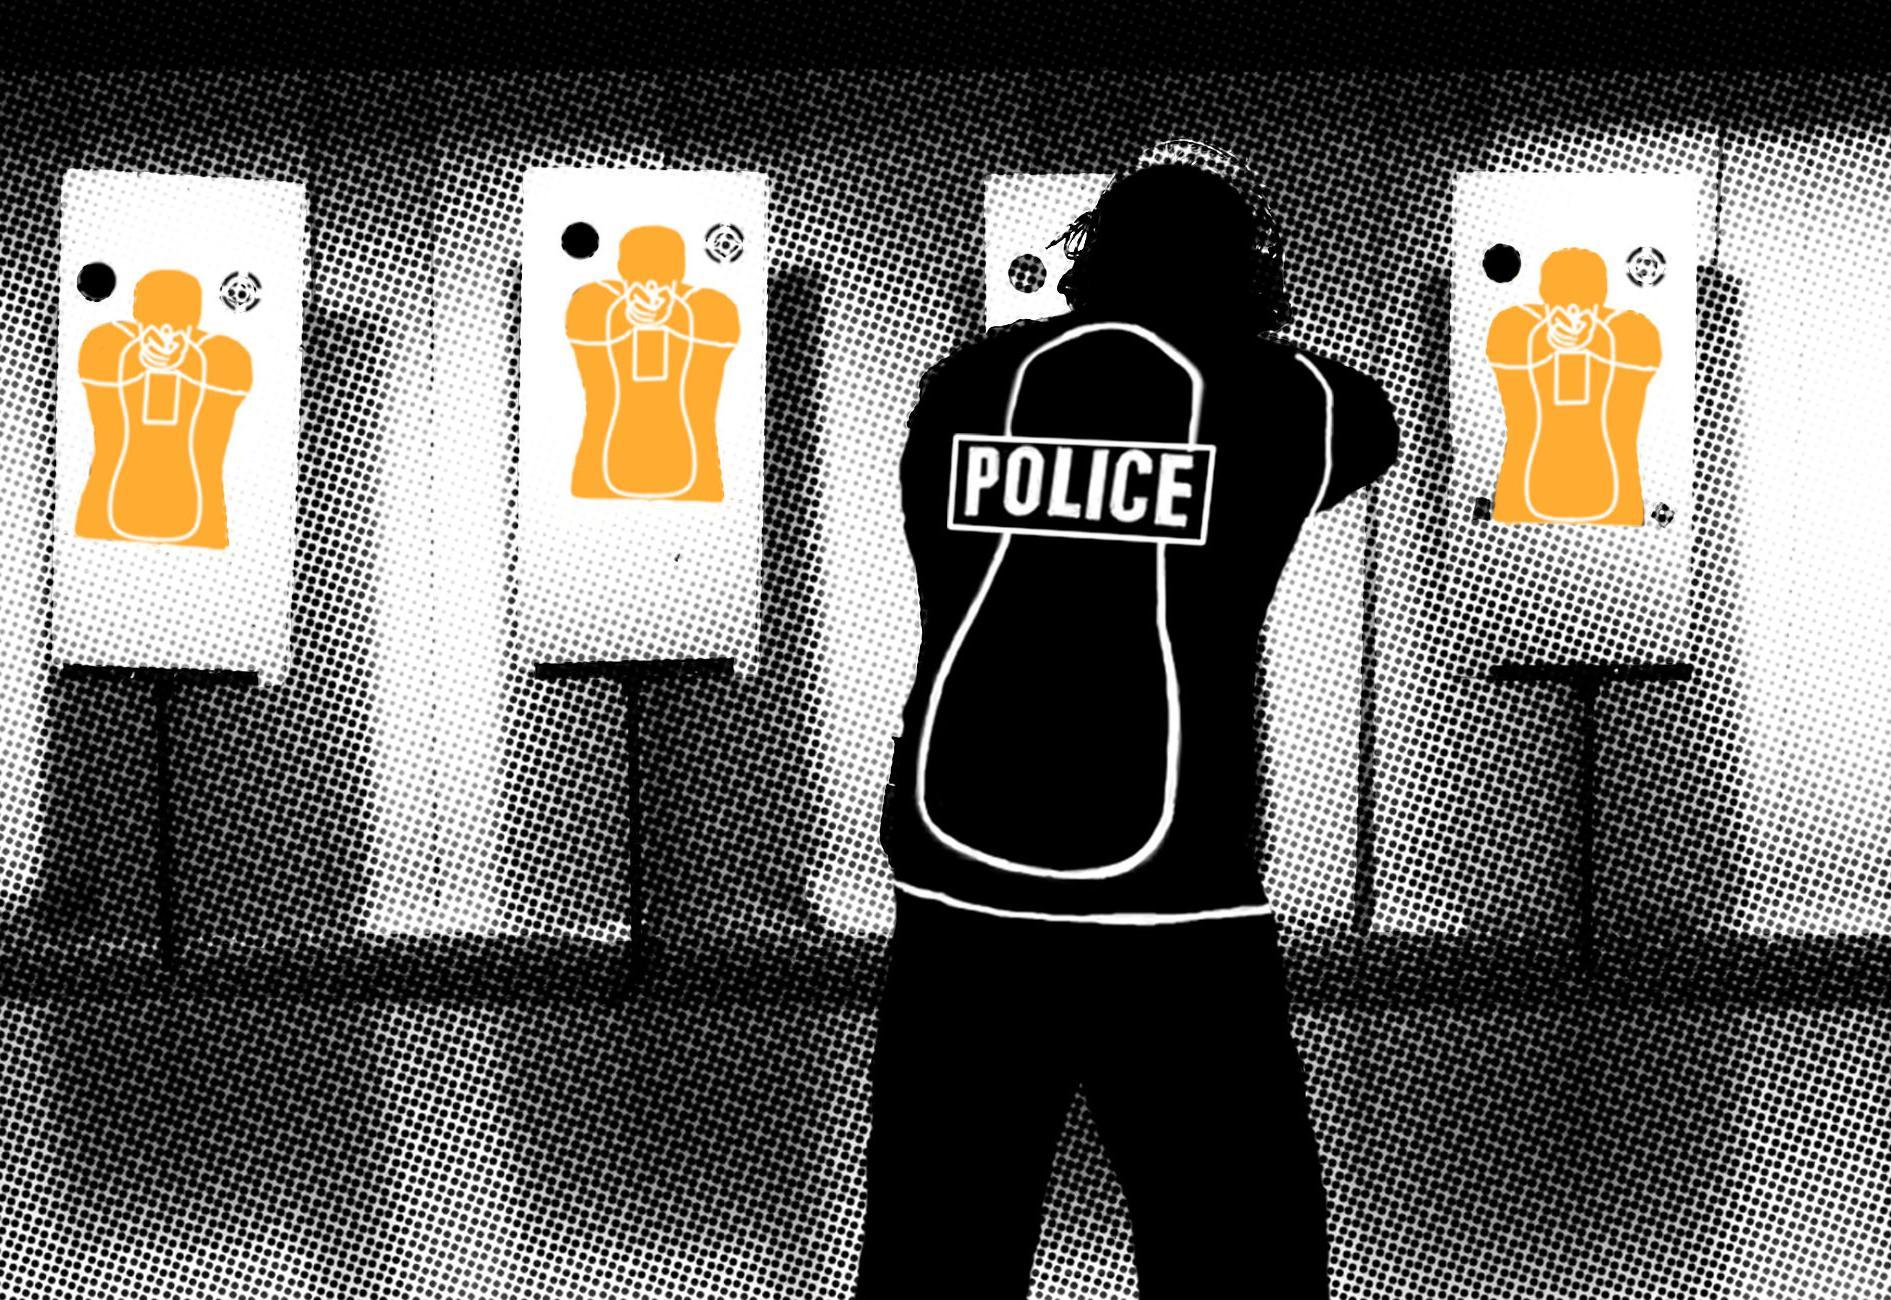 Les policiers portant leur arme en dehors du service doivent effectuer un entraînement de tir tous les quatre mois.